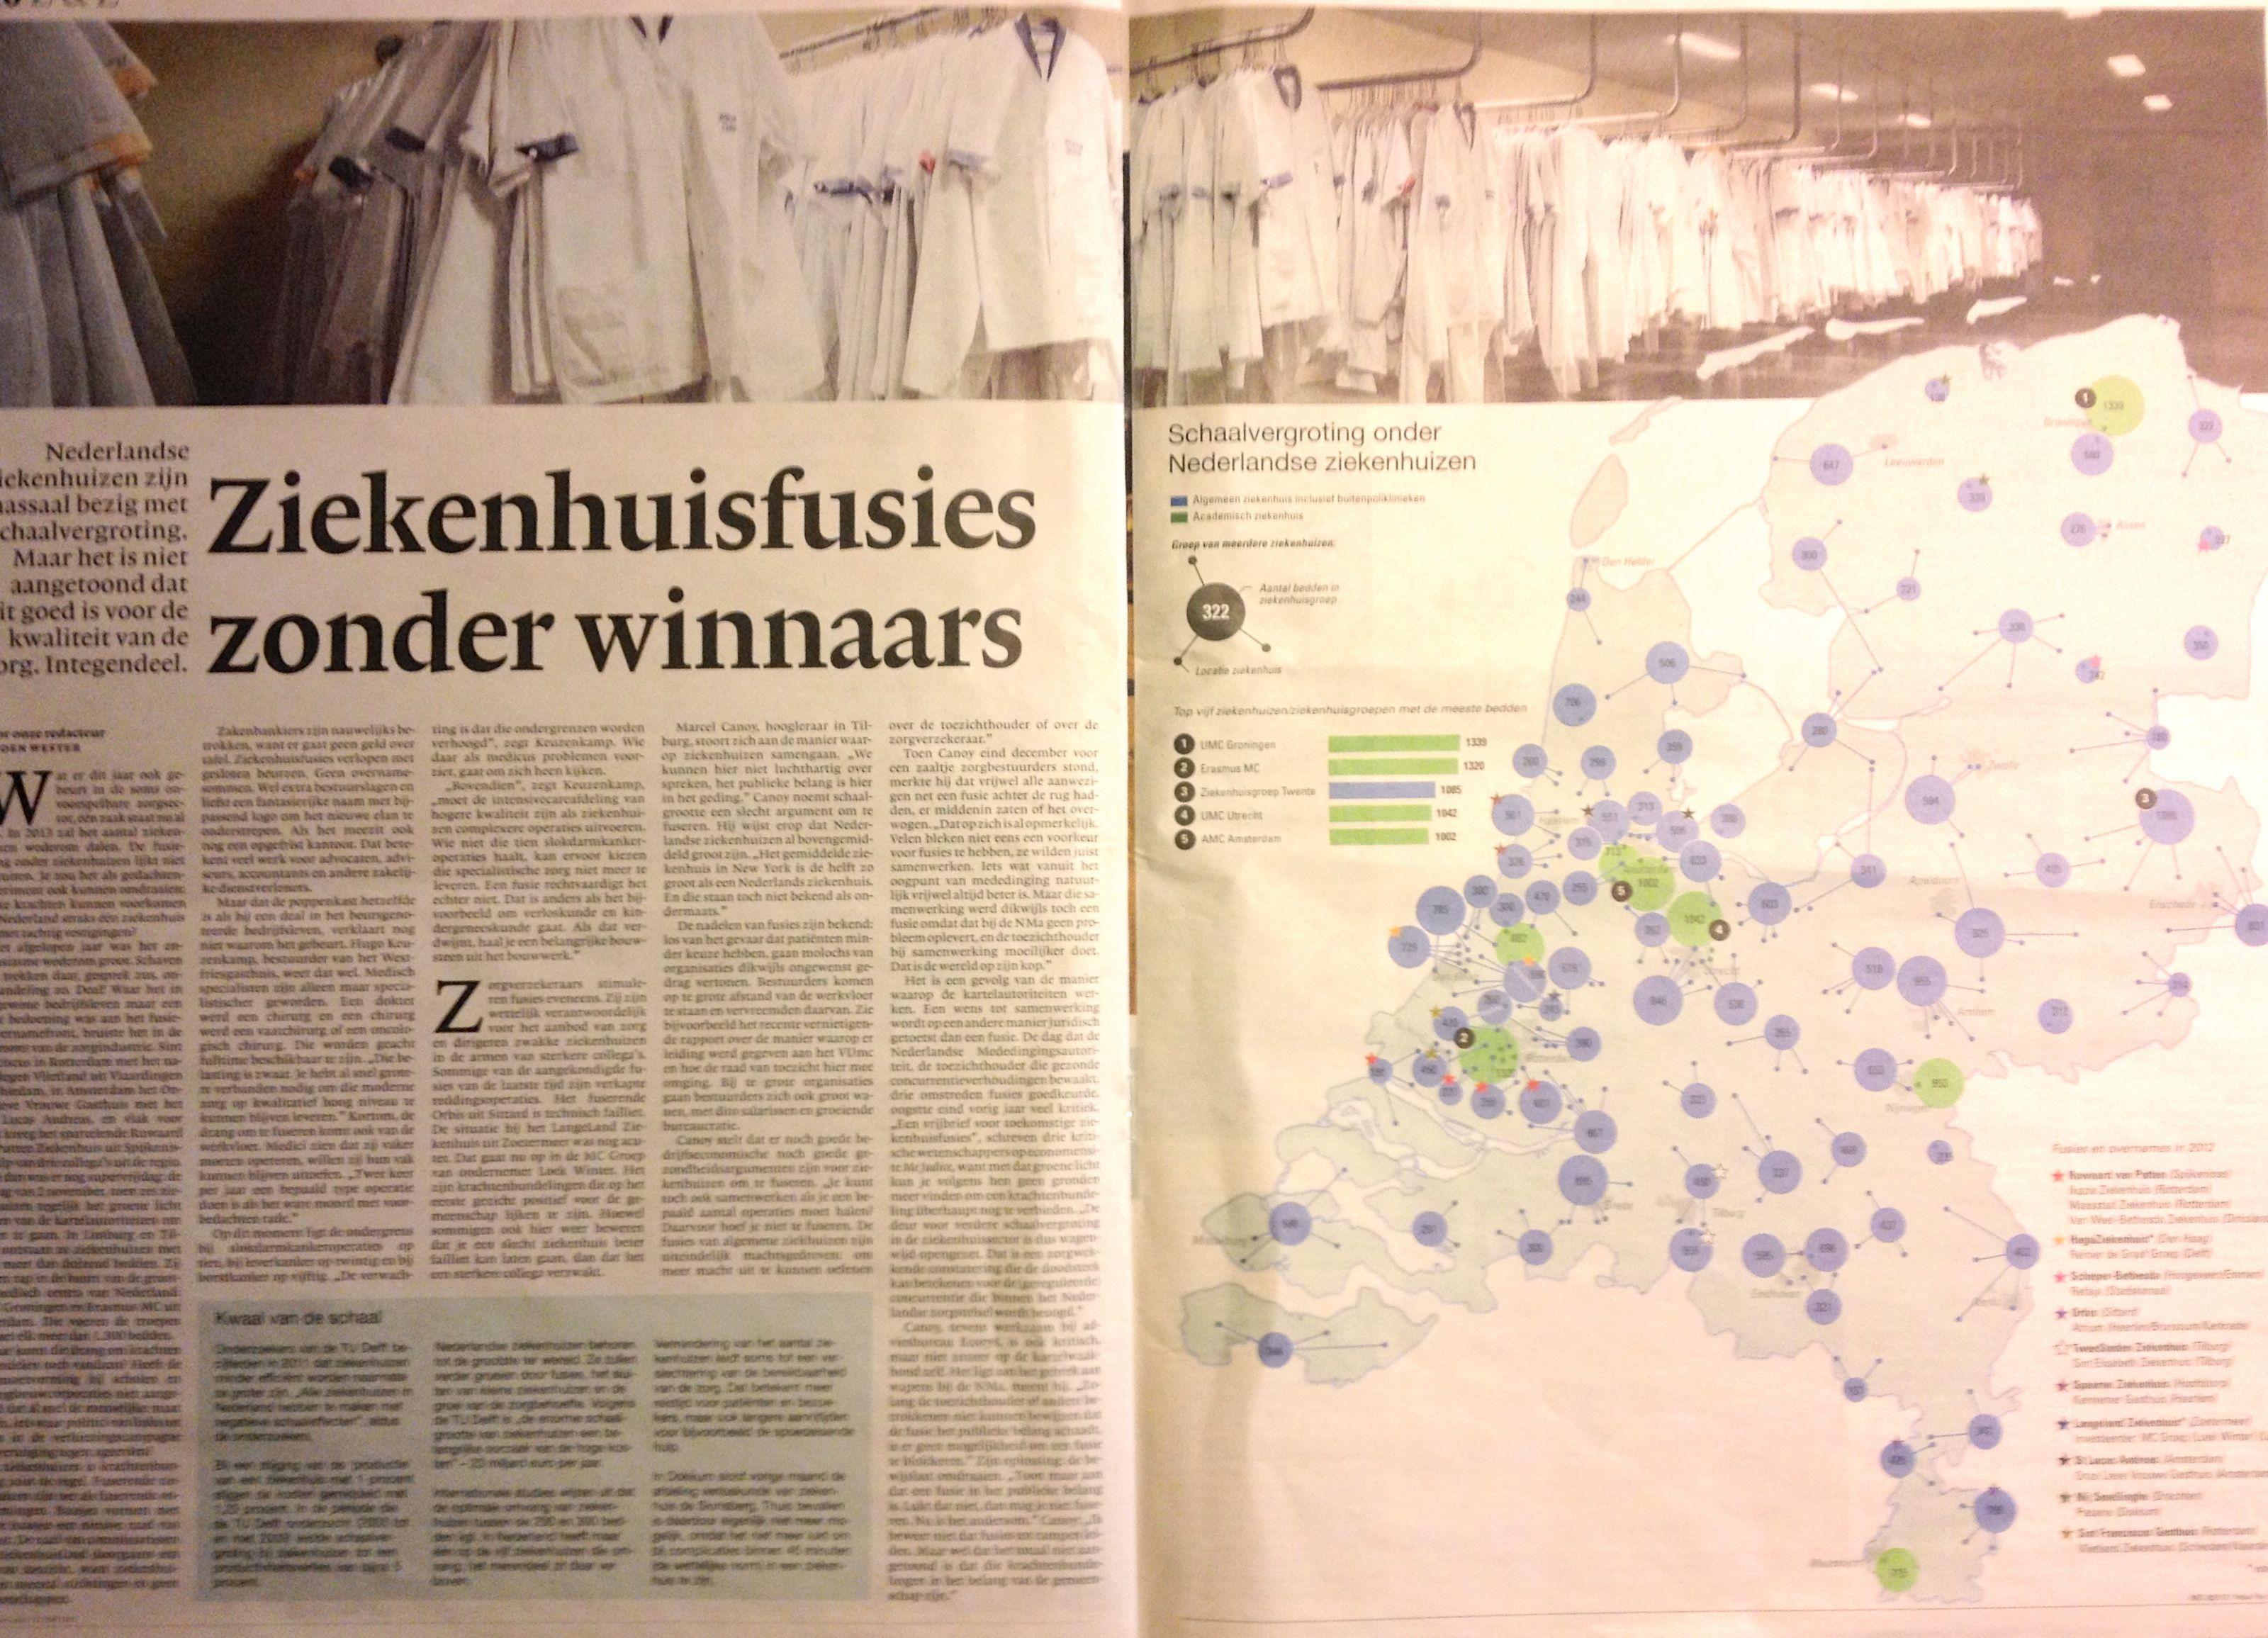 Schaalvergroting onder Nederlandse Ziekenhuizen